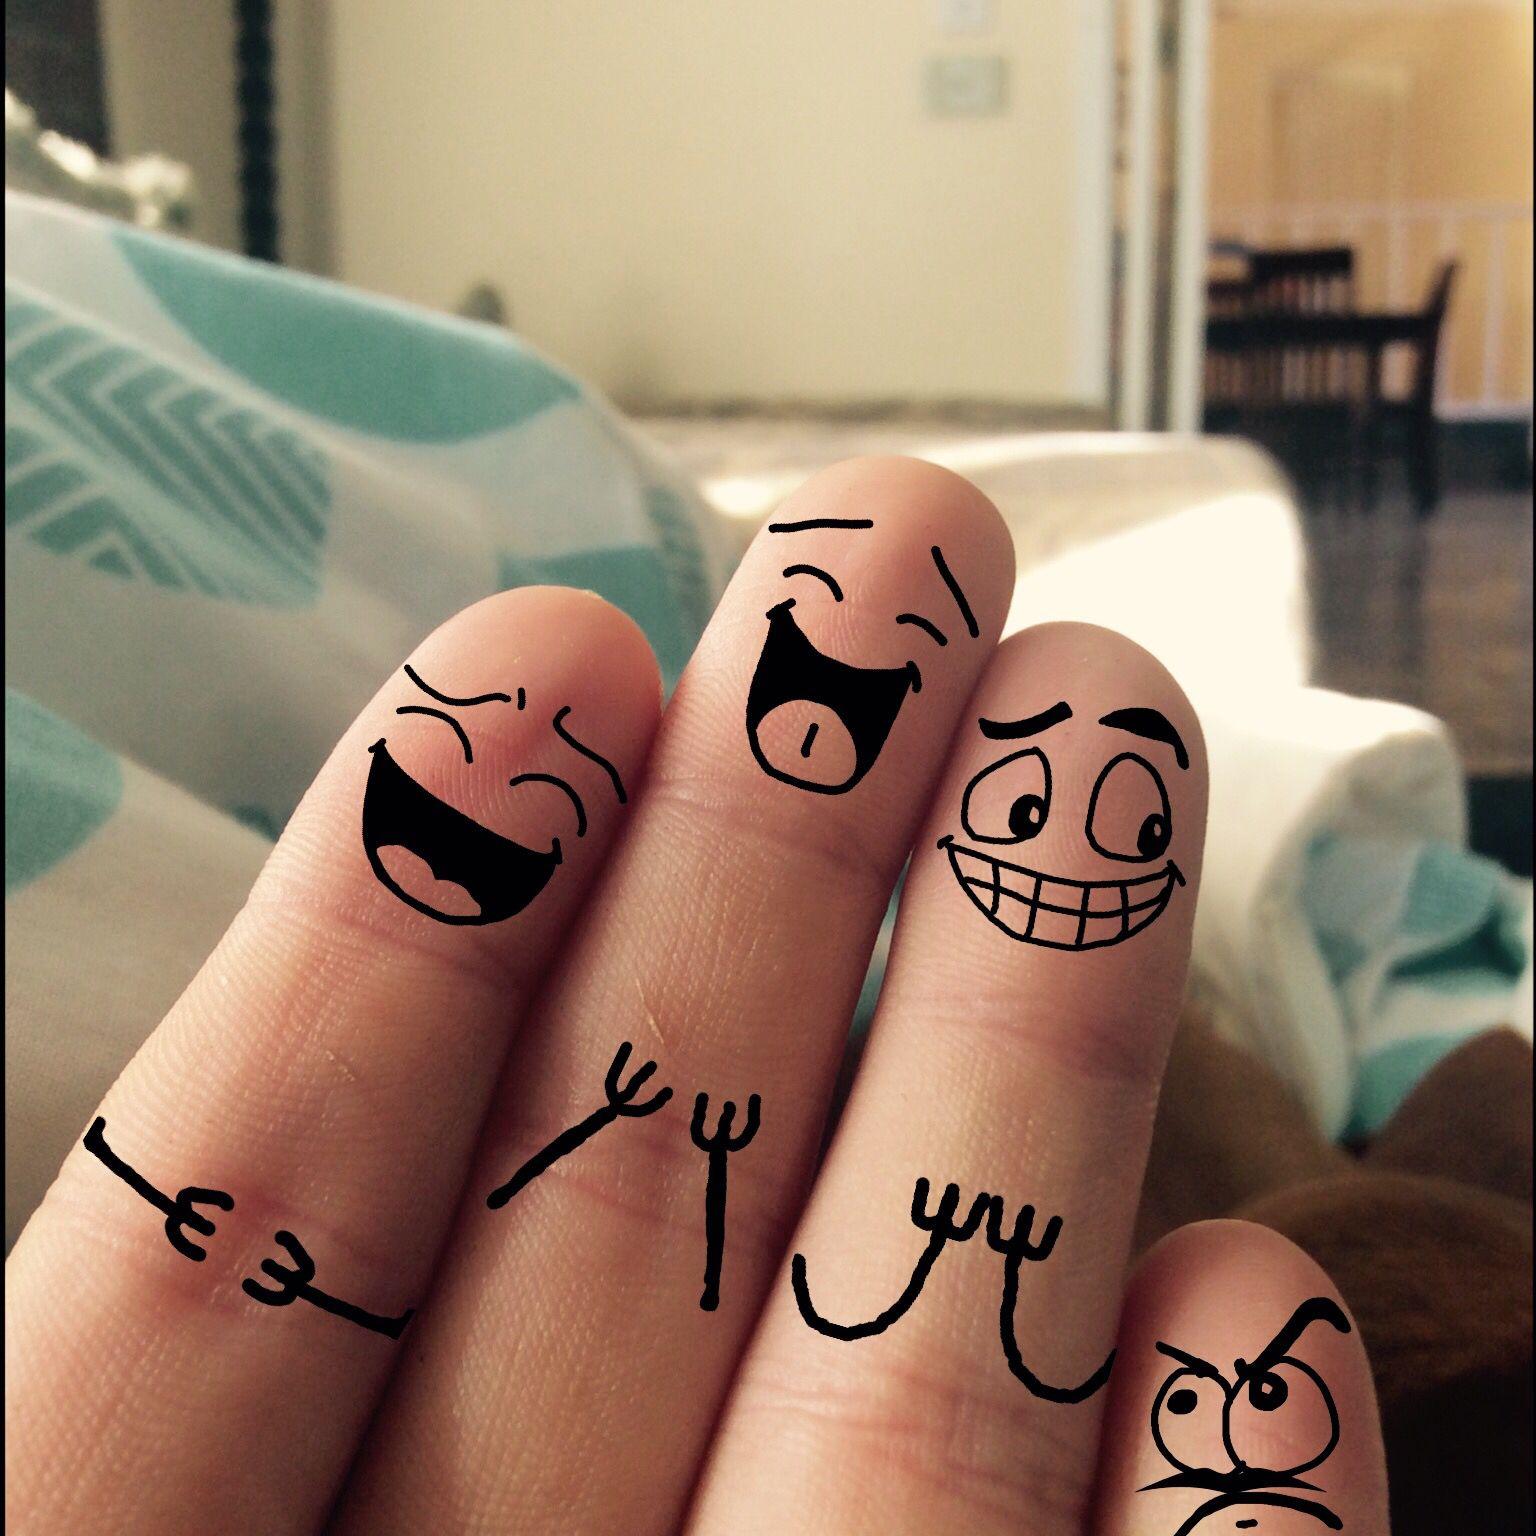 рисунки на пальцах ручкой видно, некоторые